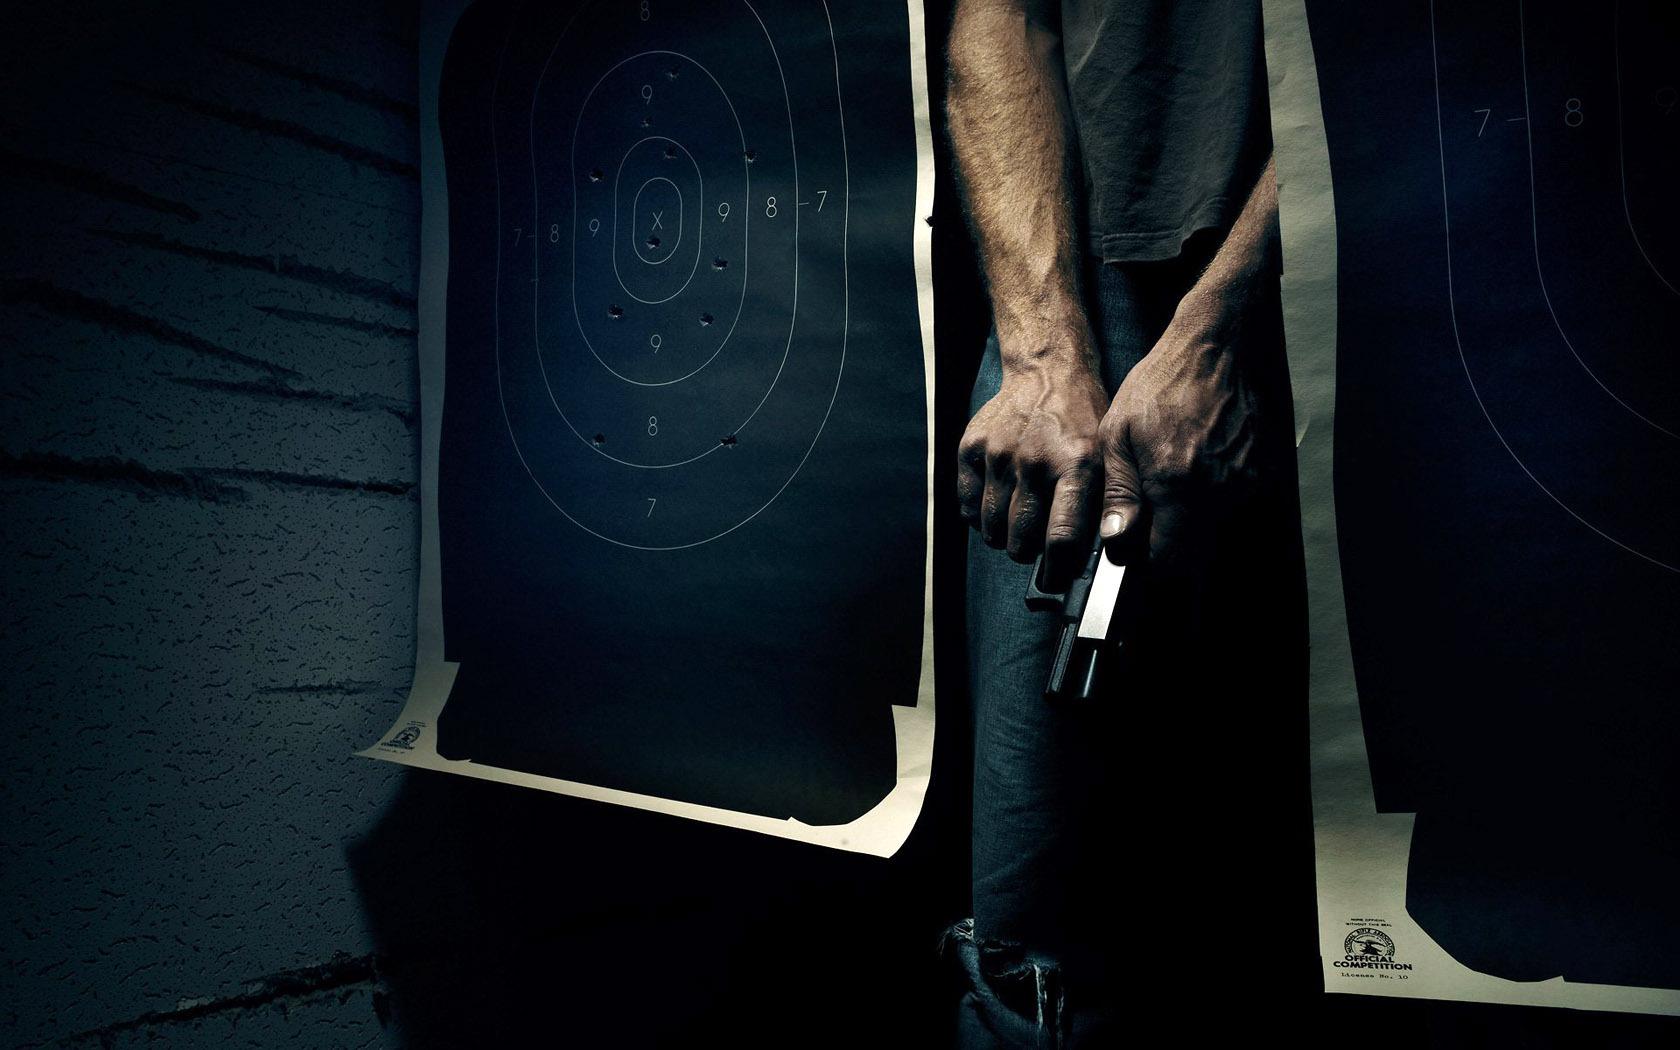 пистолет, ствол, передергивает